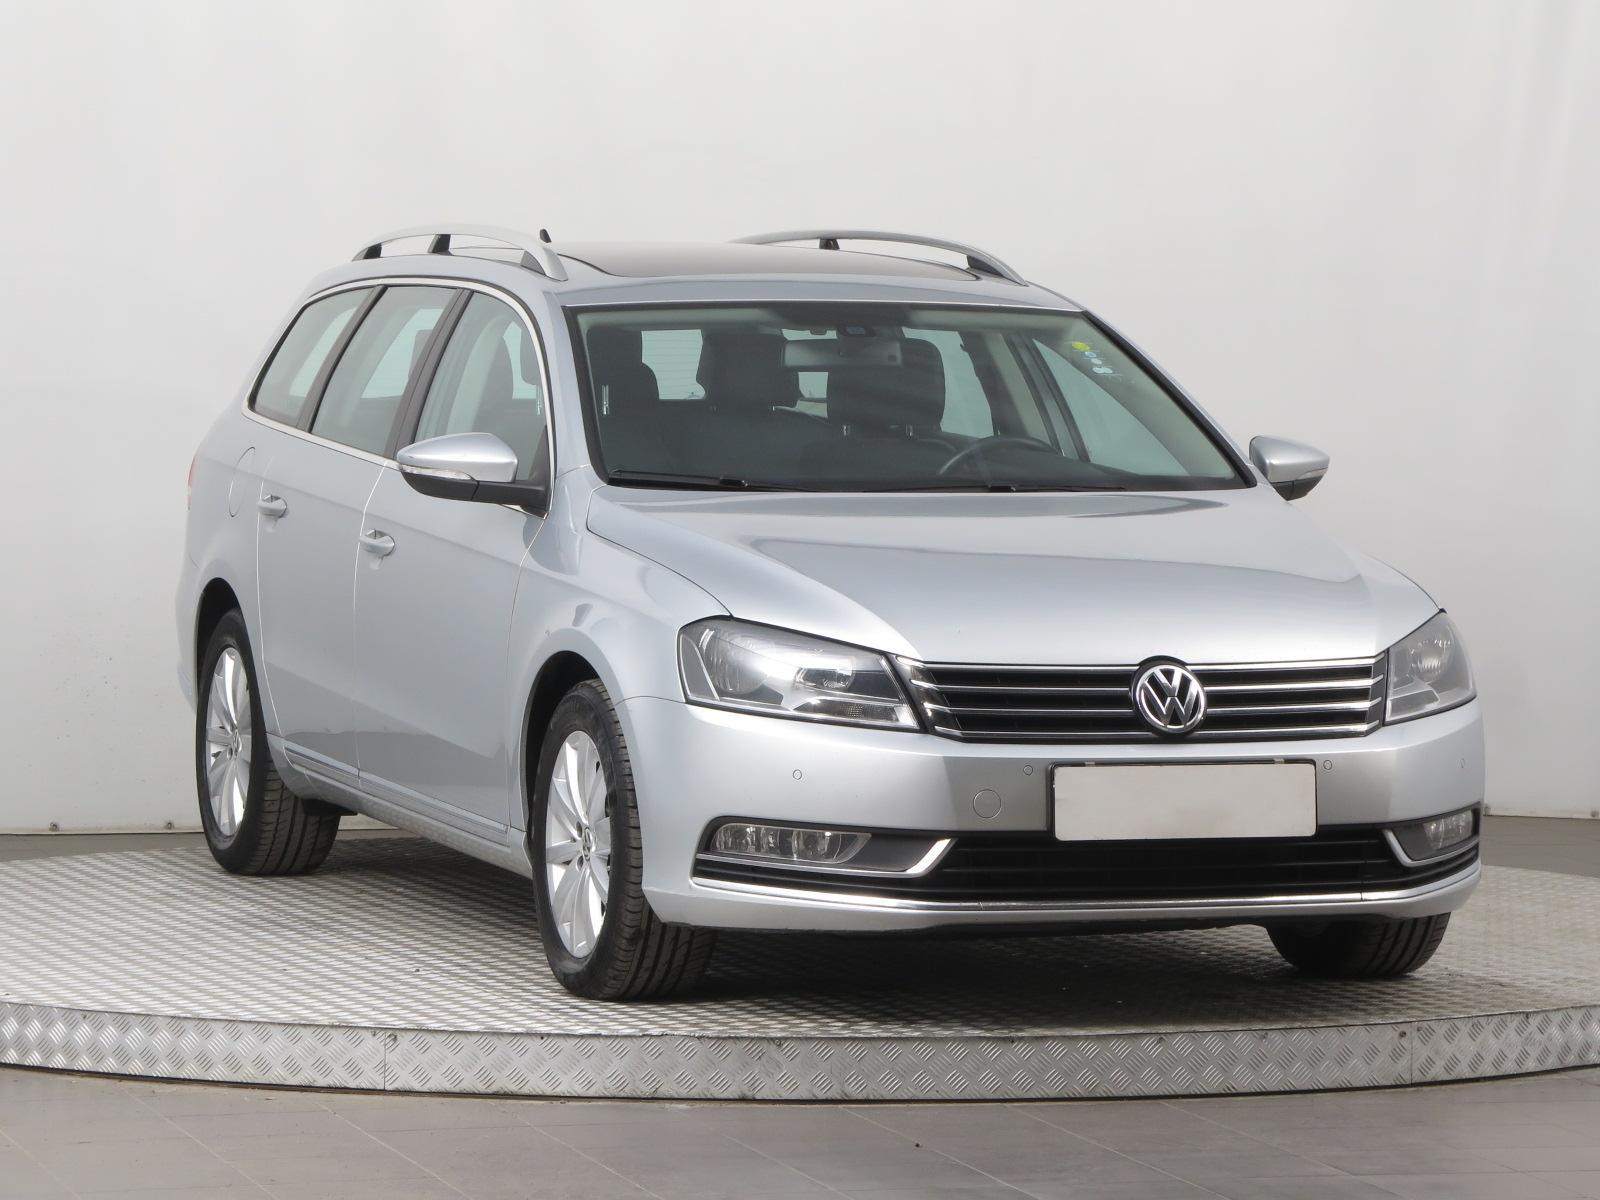 Volkswagen Passat 2.0 TDI 100kW kombi nafta